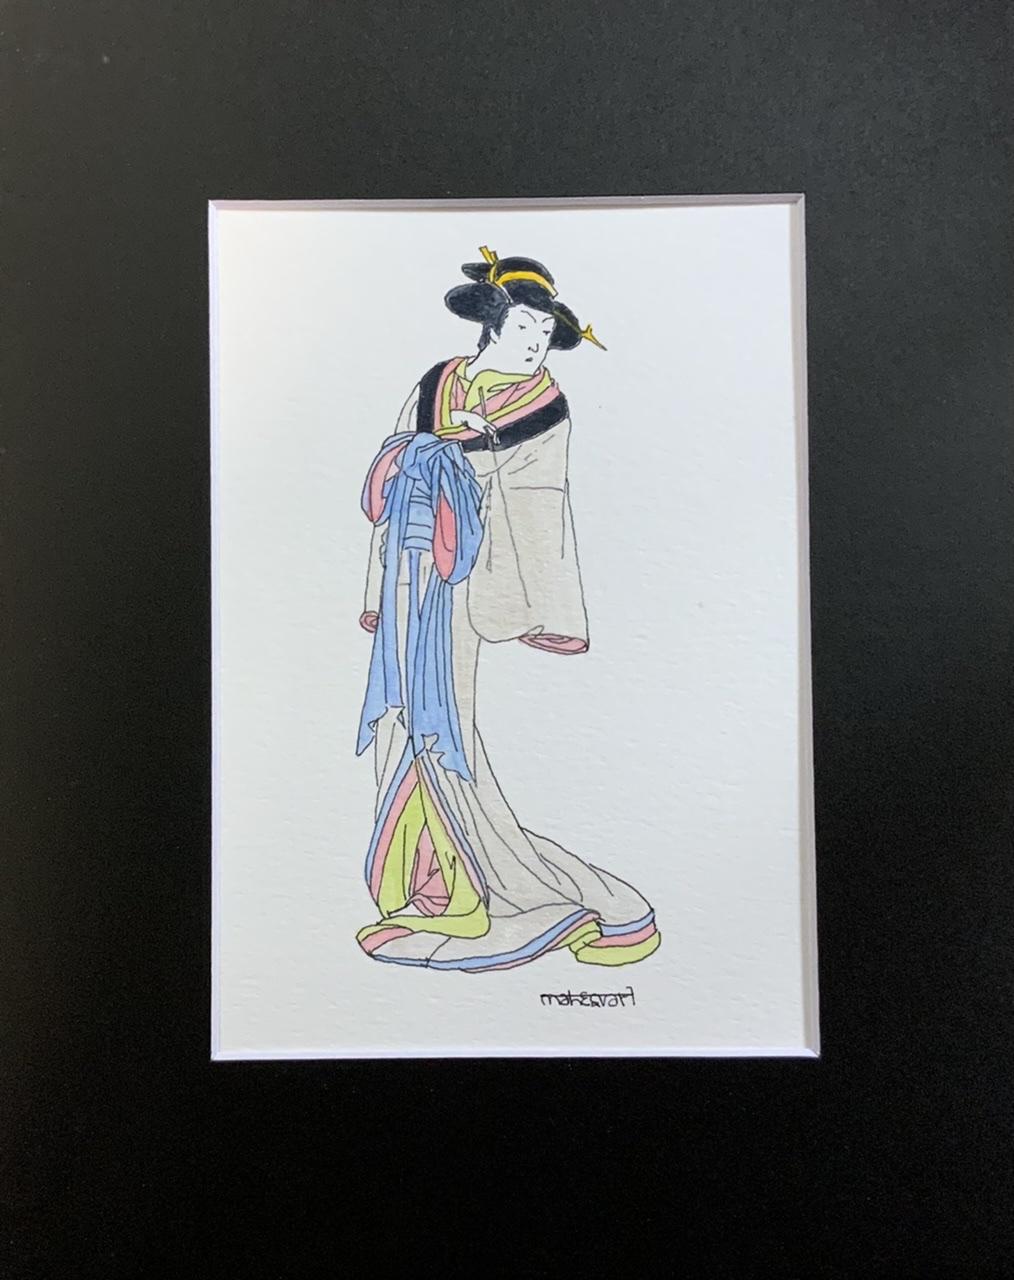 """<span style=""""color: #ff0000;""""><a style=""""color: #ff0000;"""" href=""""mailto:info@arttotalmultimedia.com?subject=Défi 15 dessins 15 semaines -  La Geisha"""">Contacter l'agent de l'artiste</a></span> Mahesvari -  La Geisha - 115$ (transaction directement avec l'agent de l'artiste) - encre, aquarelle, aquarelle métalisée sur papier aquarelle, 8,5 x 5,5 po avec passe-partout noir 10x8 po"""